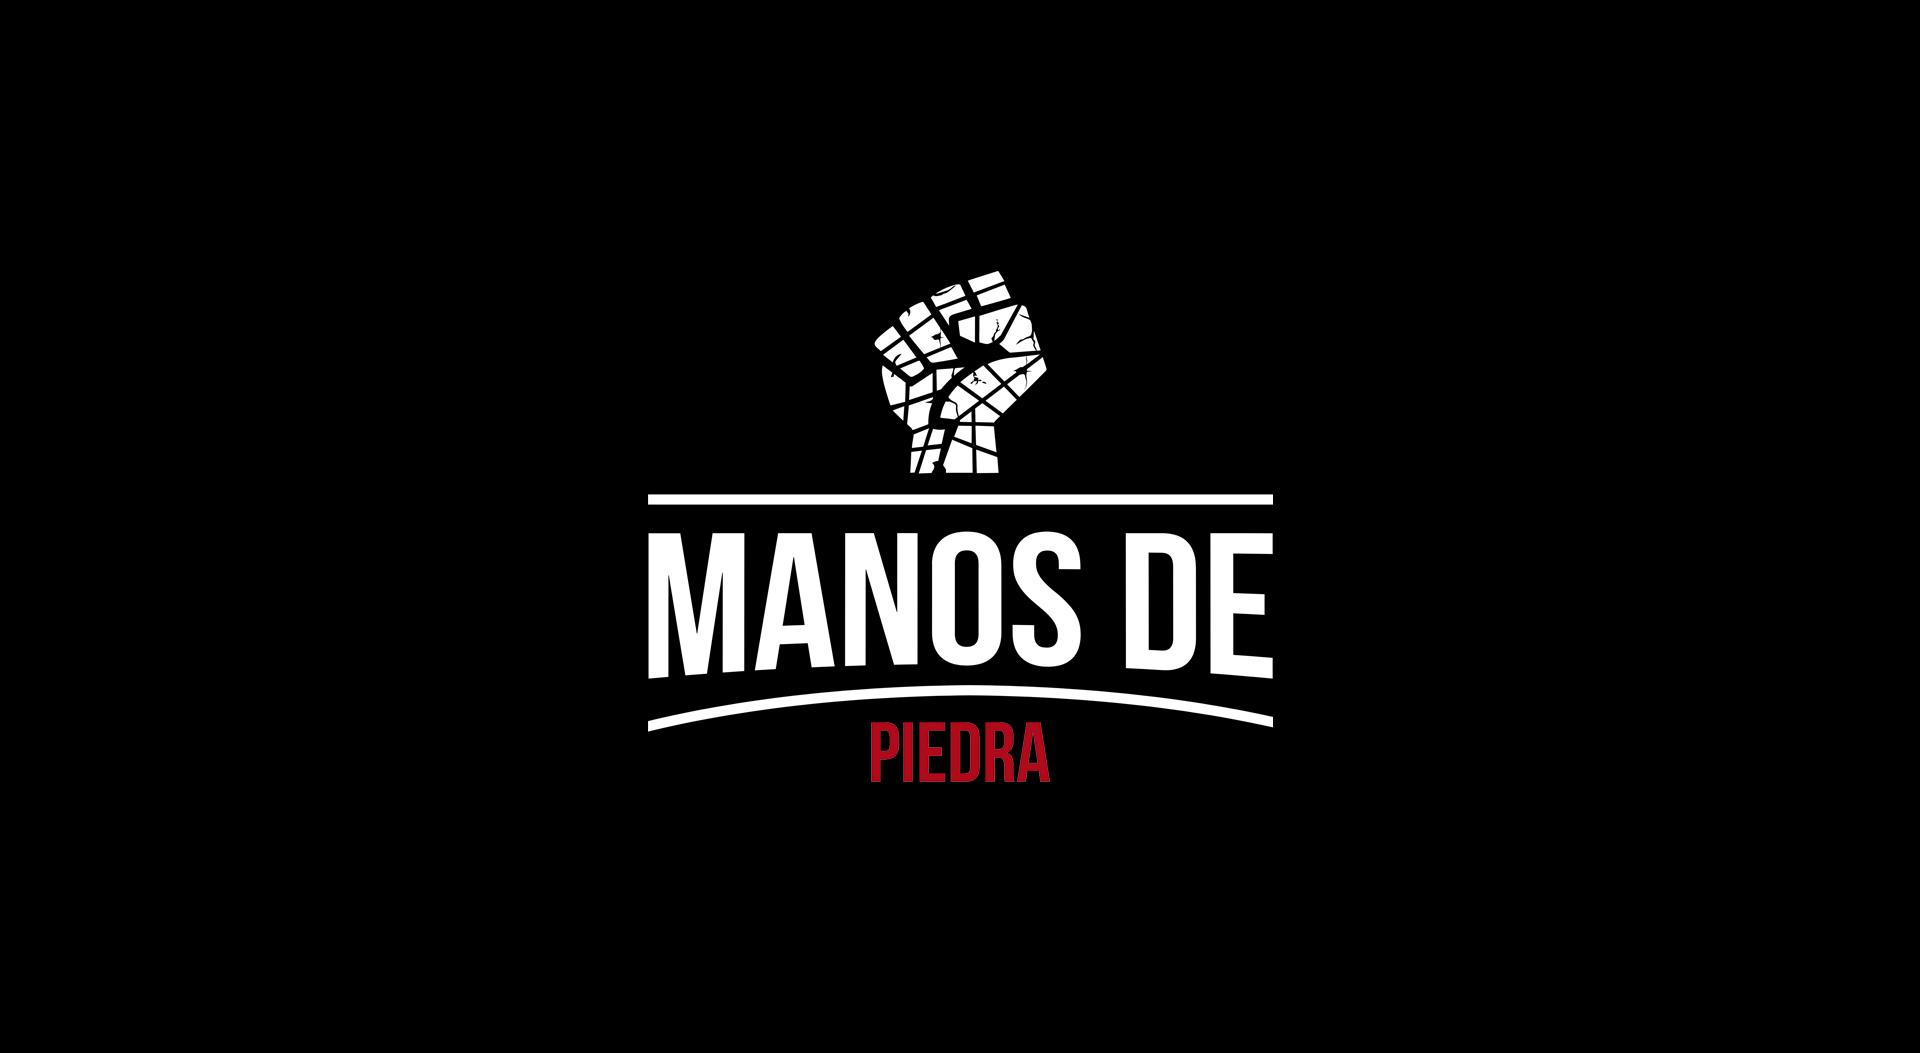 Manos De Piedra secondary logo design